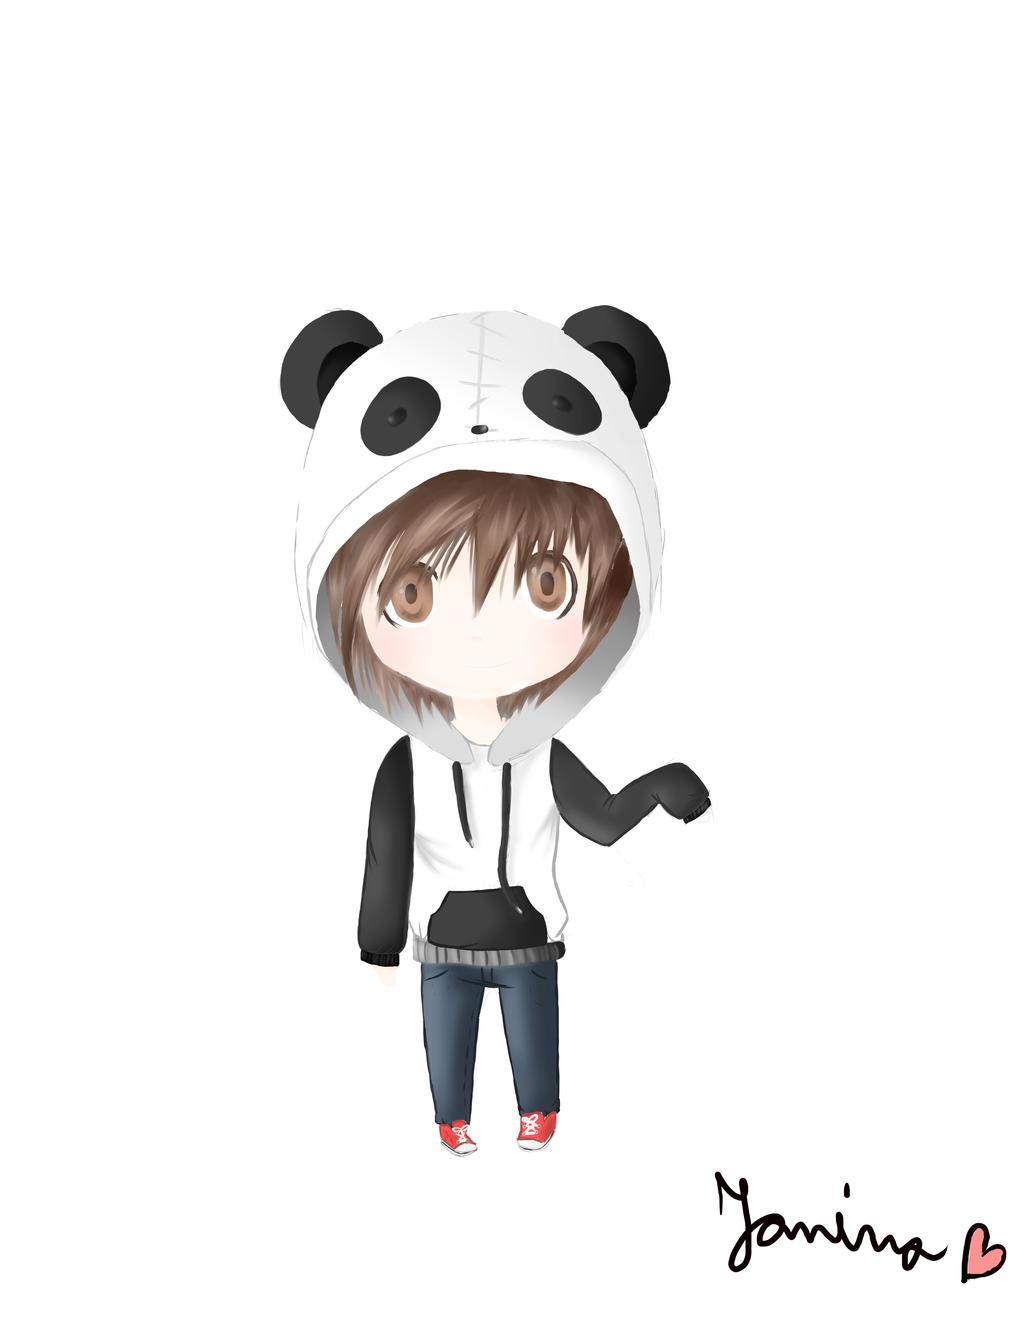 Cute chibi anime panda